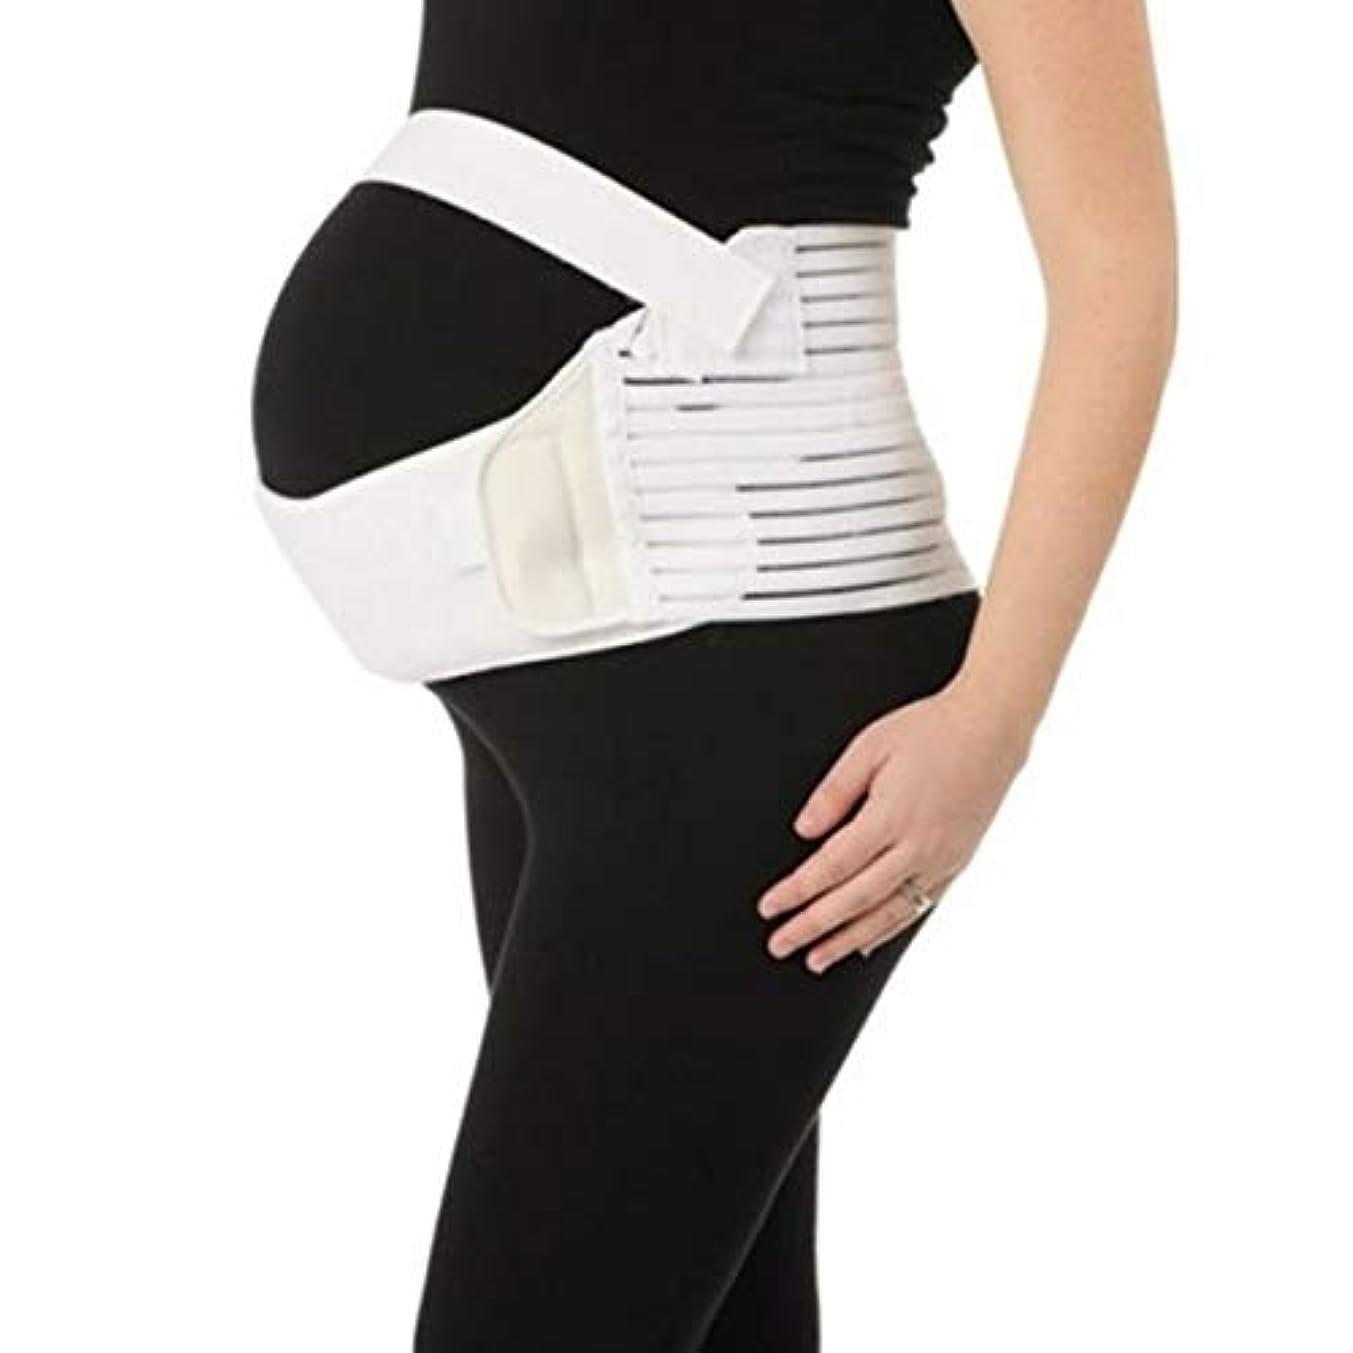 唇確認創造通気性産科ベルト妊娠腹部サポート腹部バインダーガードル運動包帯産後の回復形状ウェア - ホワイトM